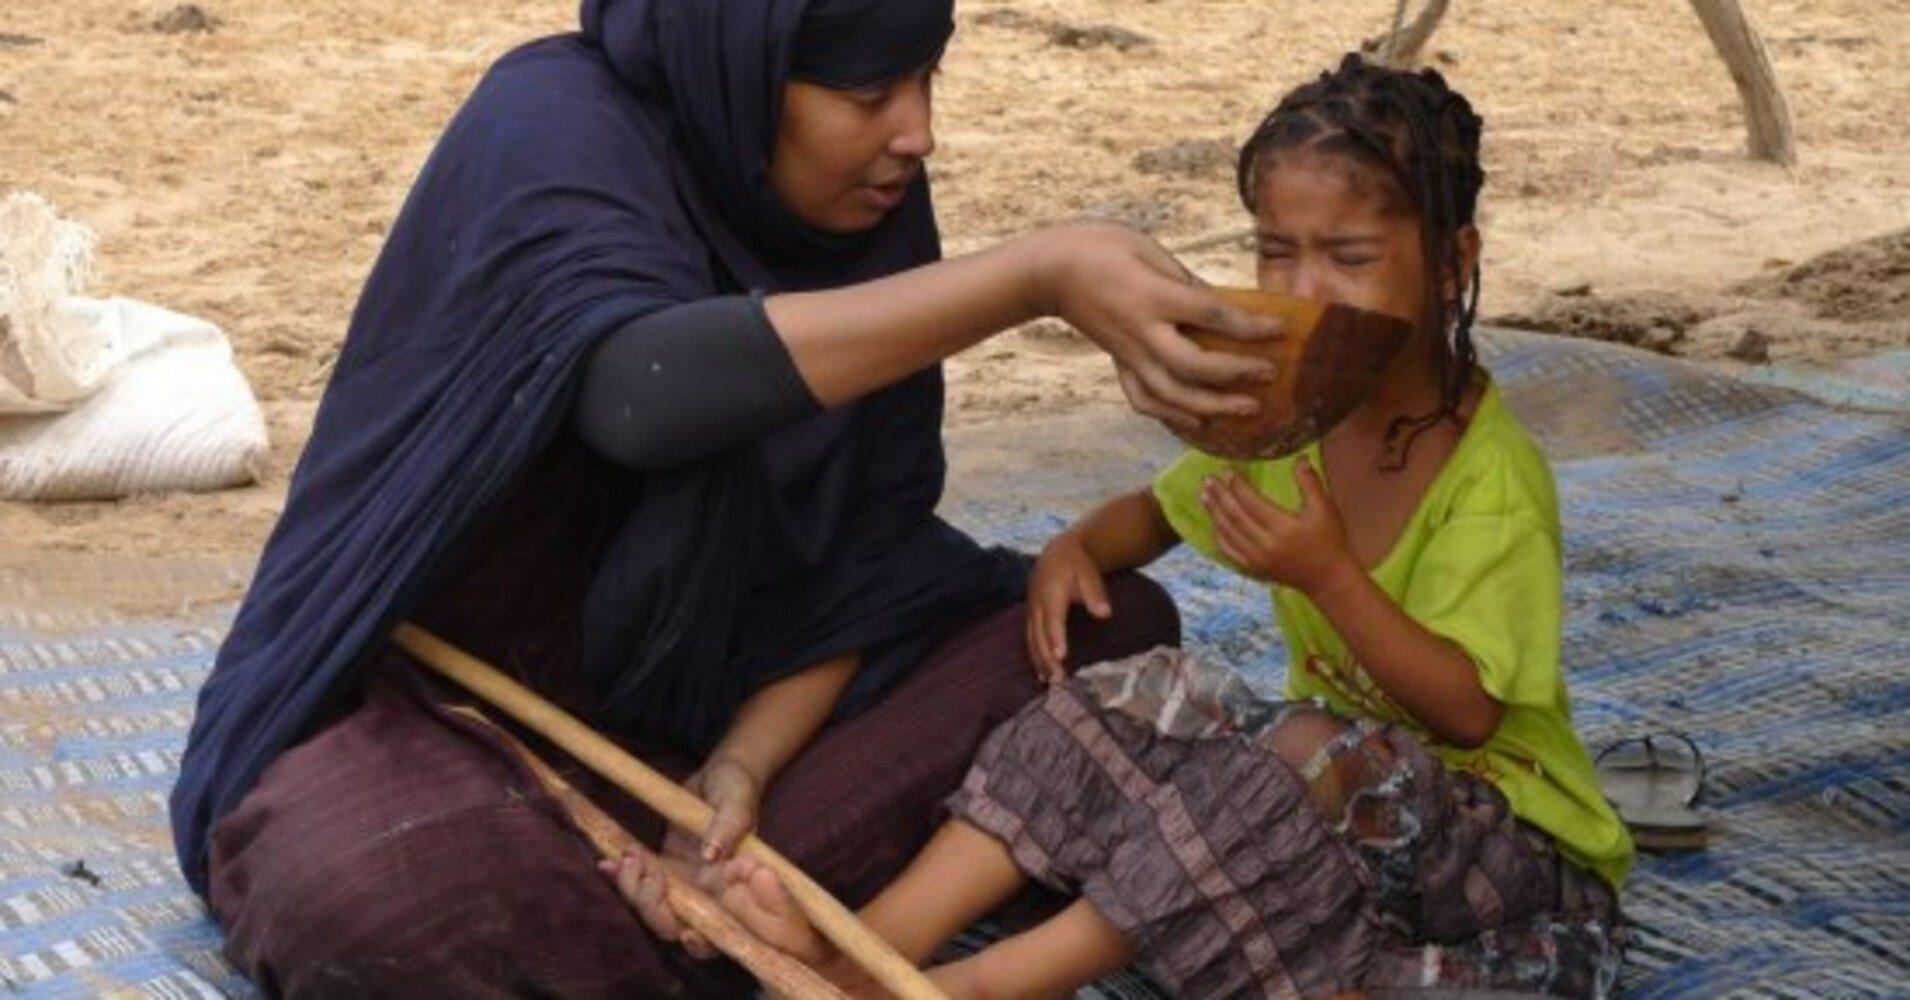 Уродство ради счастья: как матери в Африке и Индии калечат дочерей, чтобы устроить их жизнь